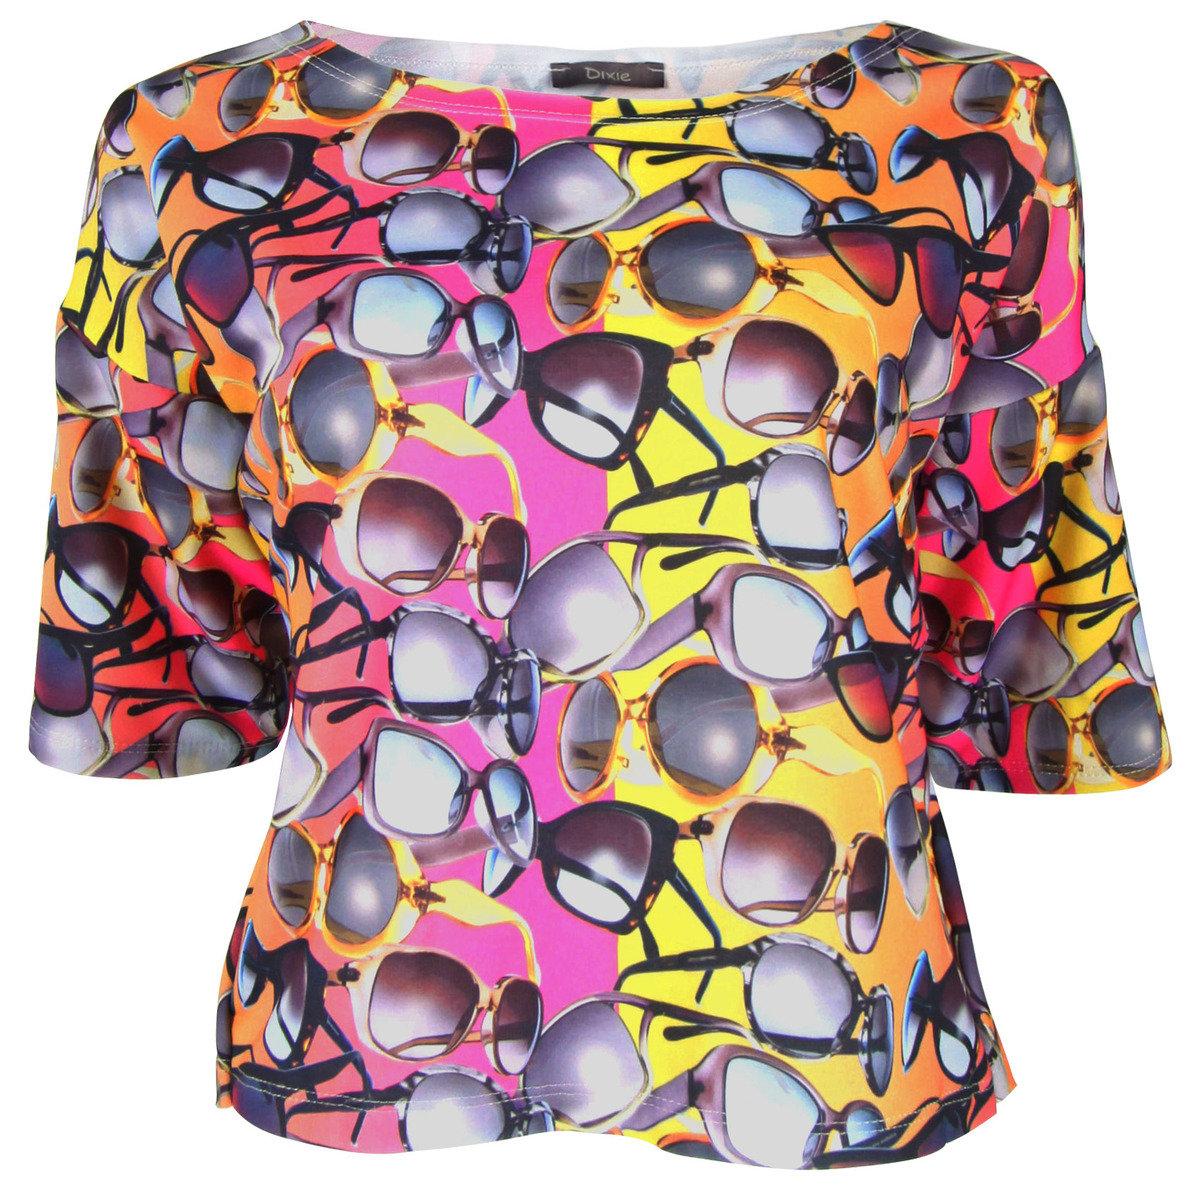 彩色太陽眼鏡圖案上衣